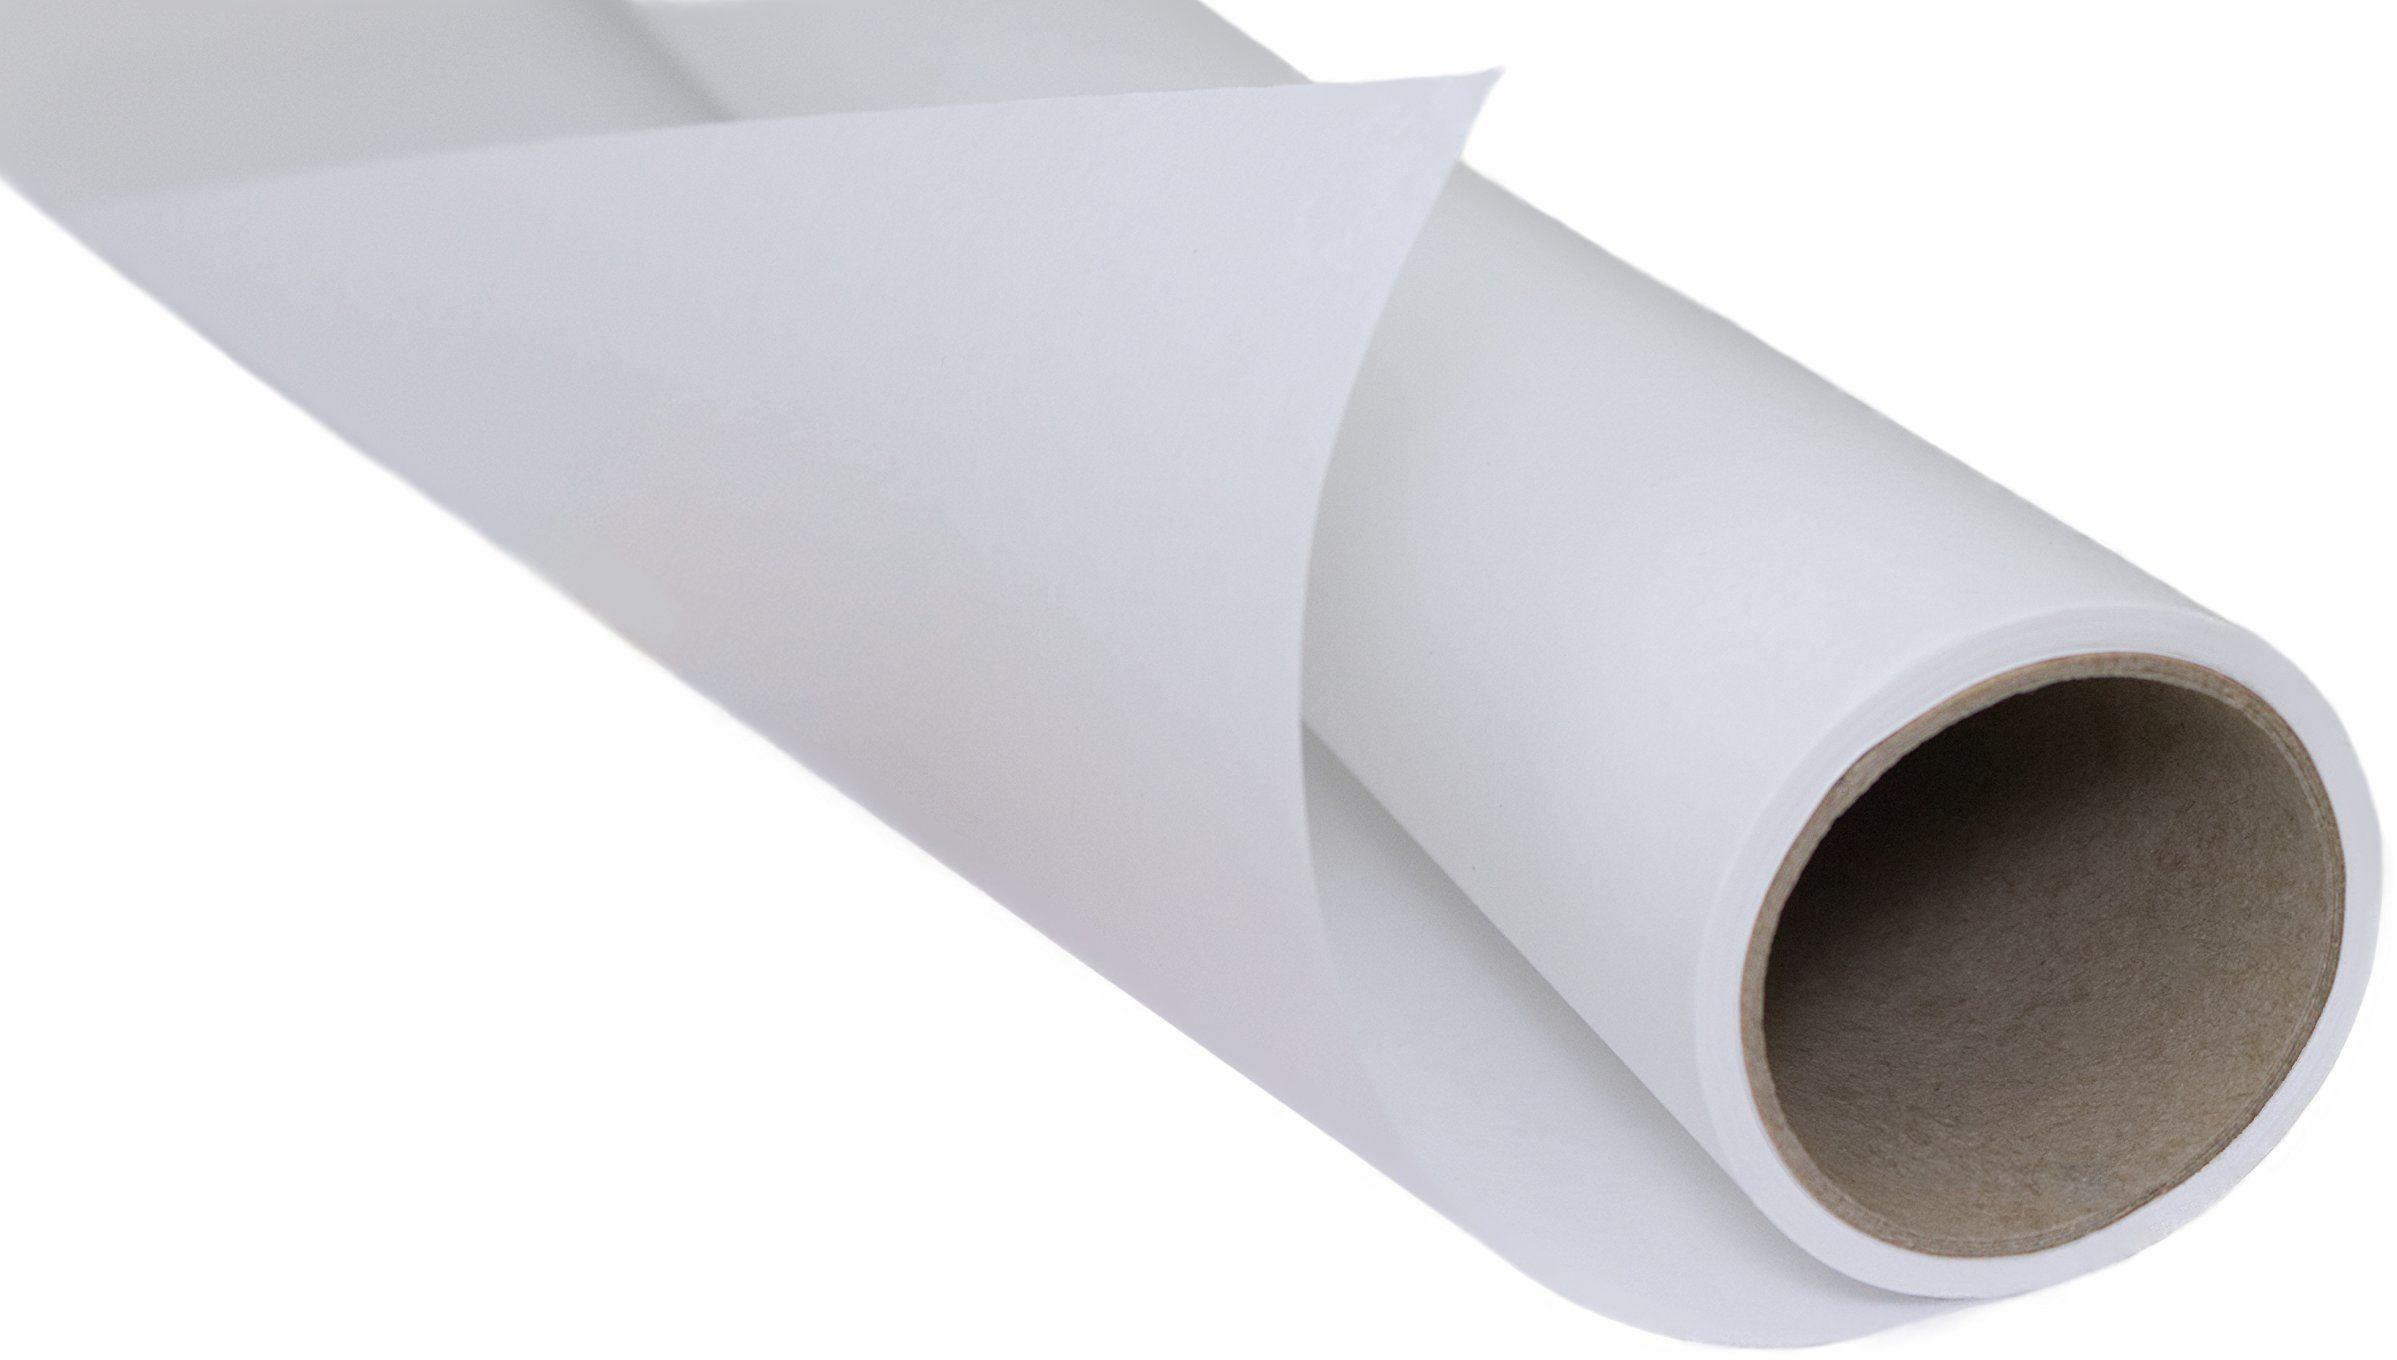 Tüftel-Lise Odporny na rozdarcie papier z wykrojonym wzorem (20 metrów)  łatwe wycinanie wzorów. Uniwersalny papier przezroczysty do szycia, szkicowania, majsterkowania i pakowania